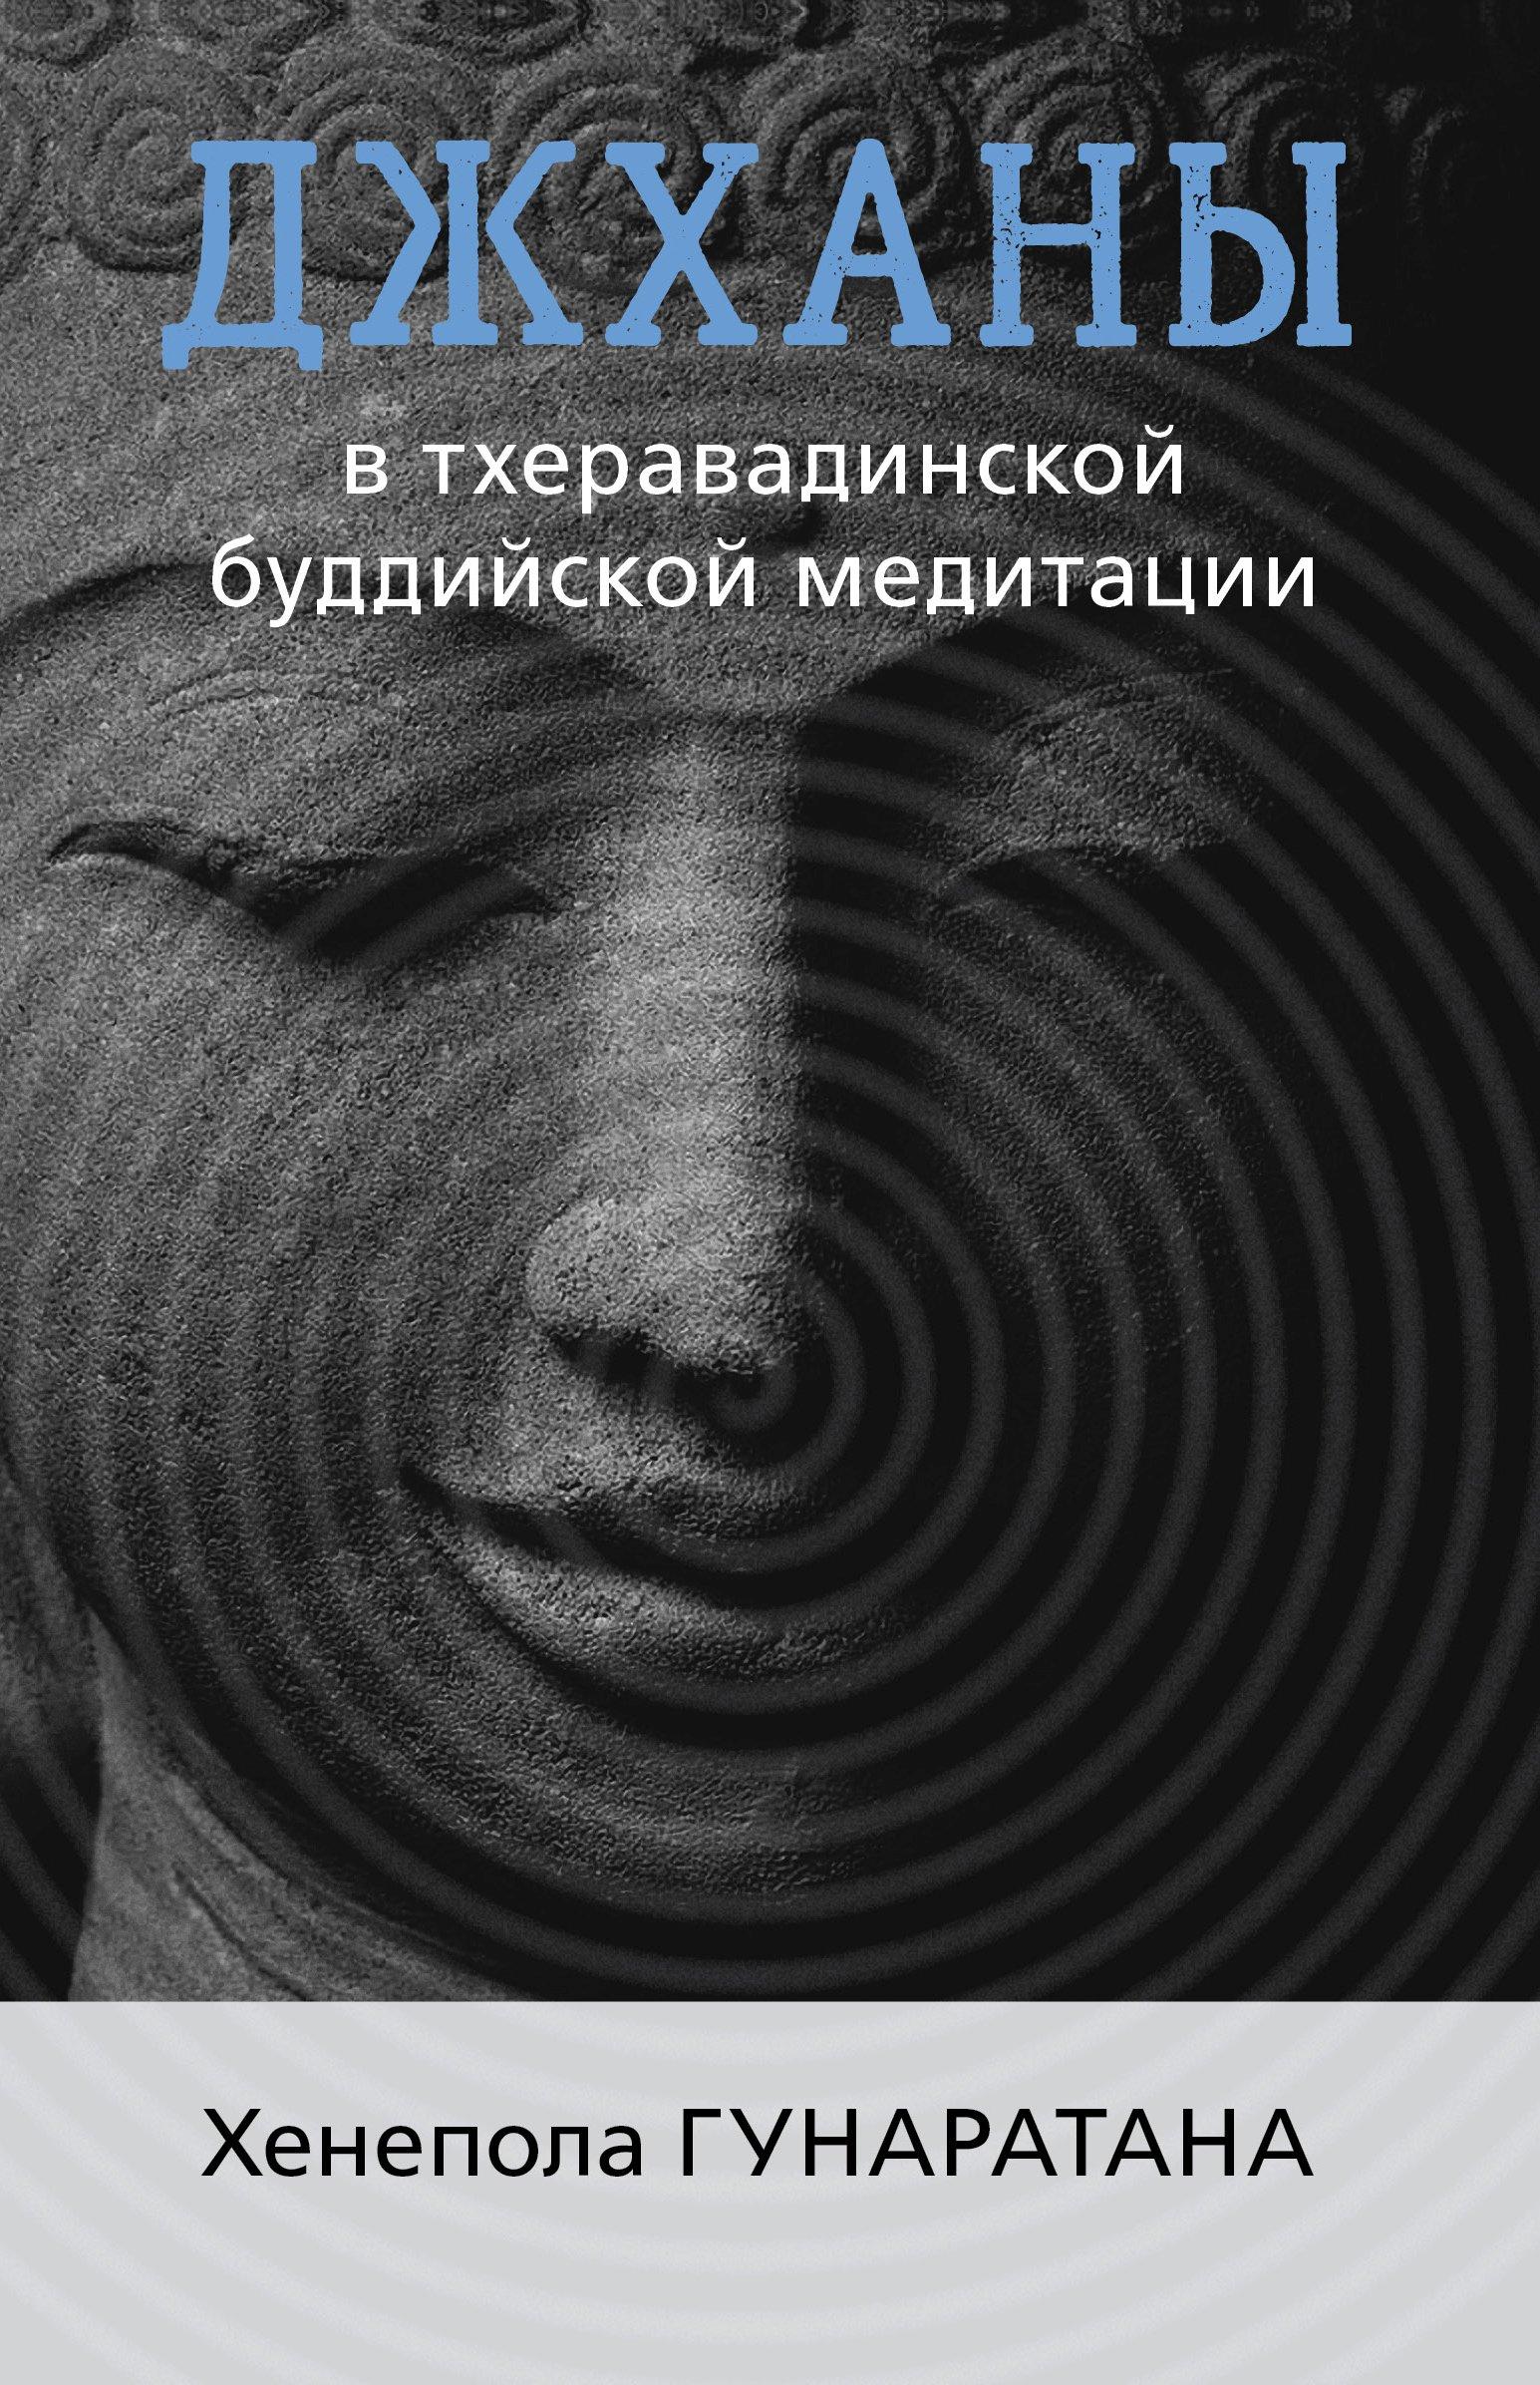 Хенепола Гунаратана, Дмитрий Устьянцев «Джханы в тхеравадинской буддийской традиции медитации»